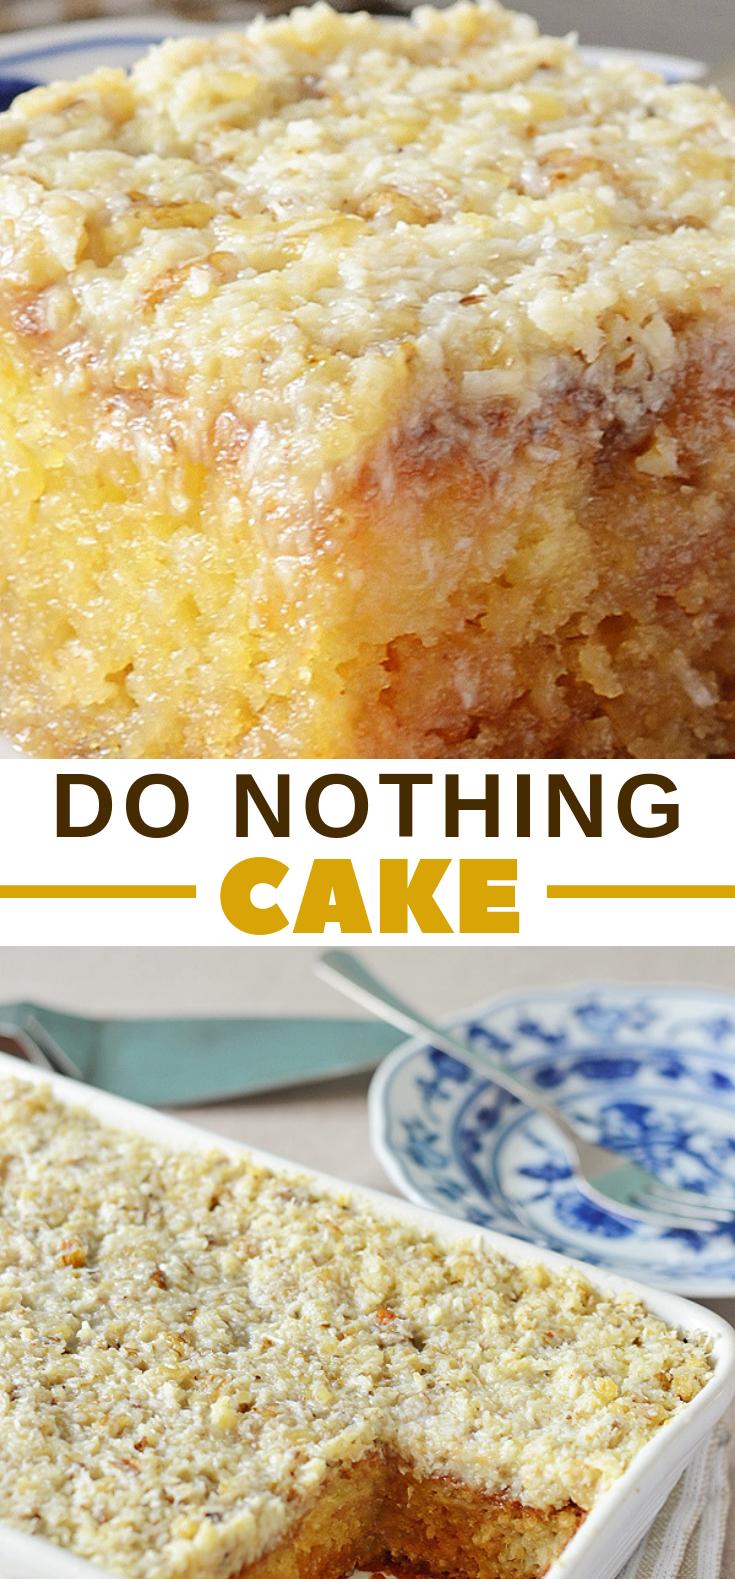 DO NOTHING CAKE #tornadocake #texascake